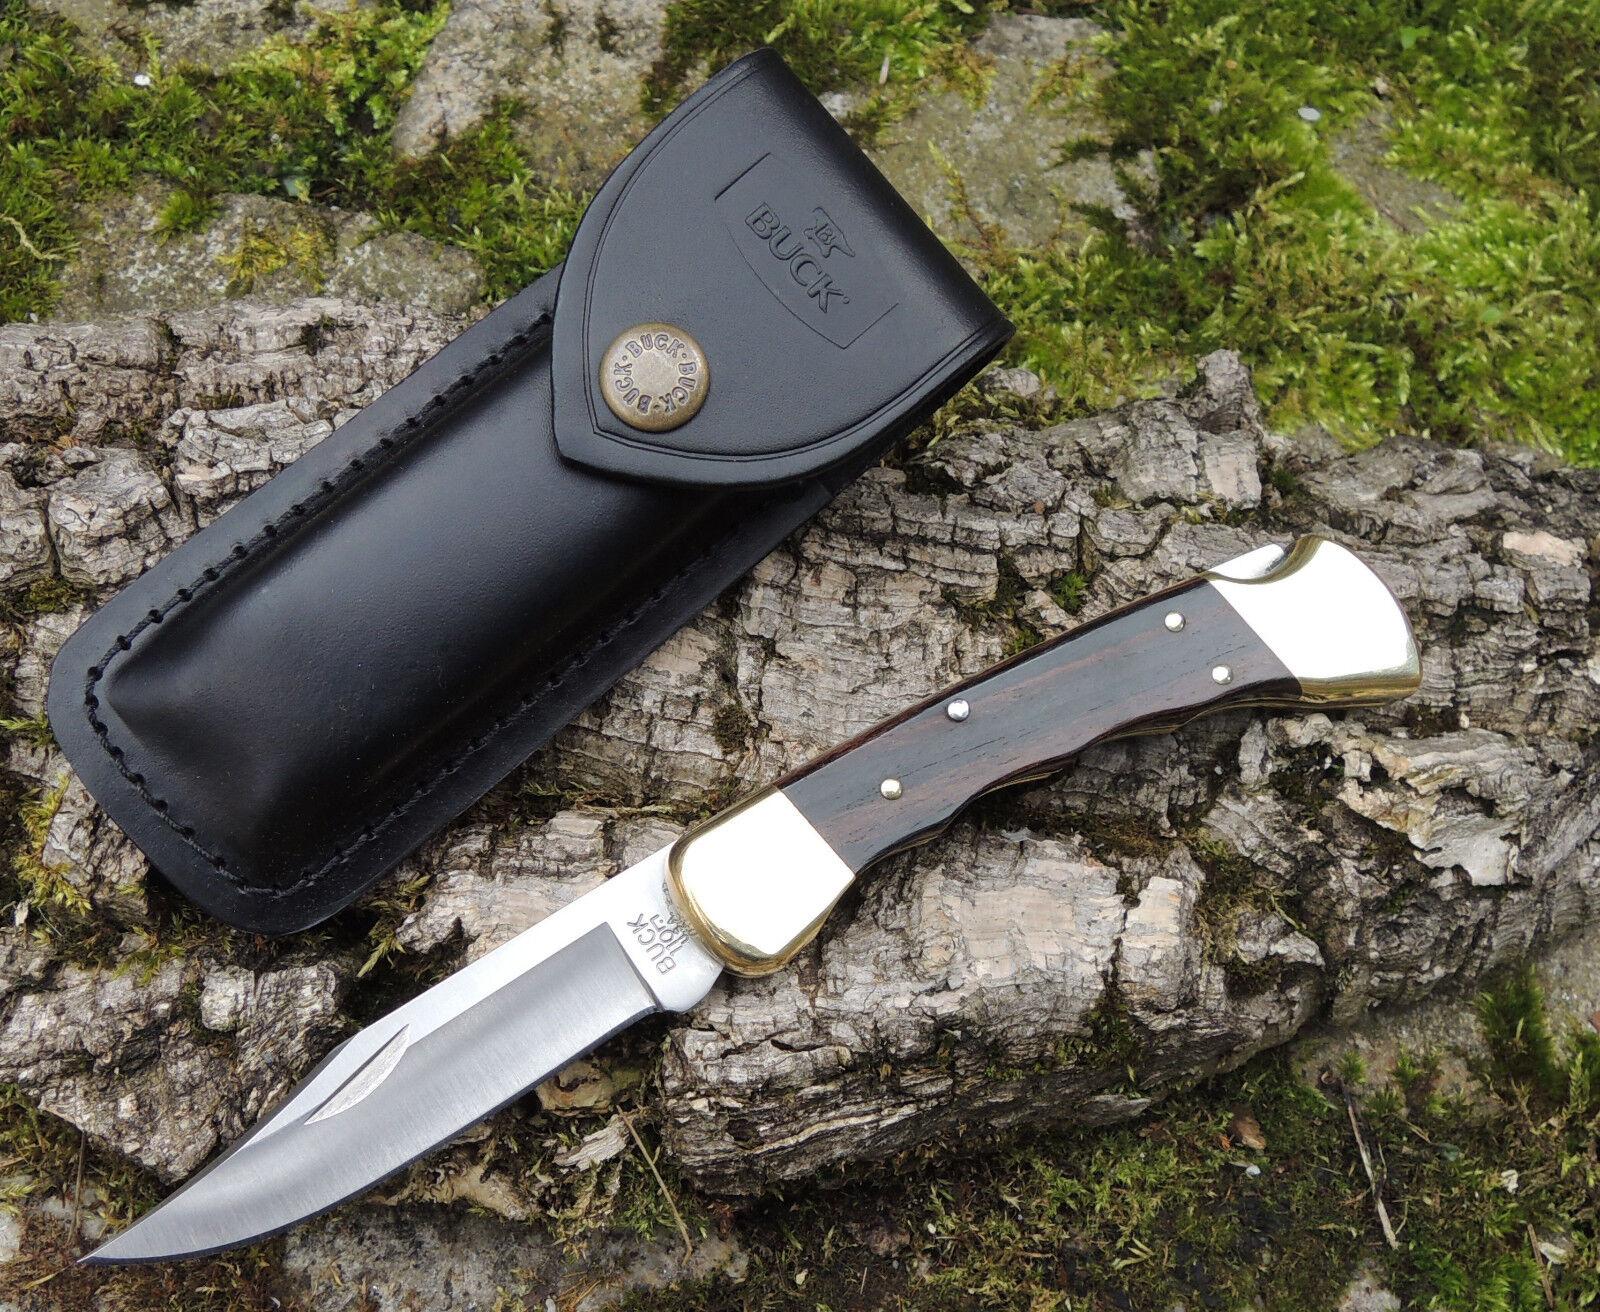 BUCK KNIVES FOLDING HUNTER FINGER GROOVED Messer Taschenmesser Taschenmesser Taschenmesser 420HC Stahl 538f9b